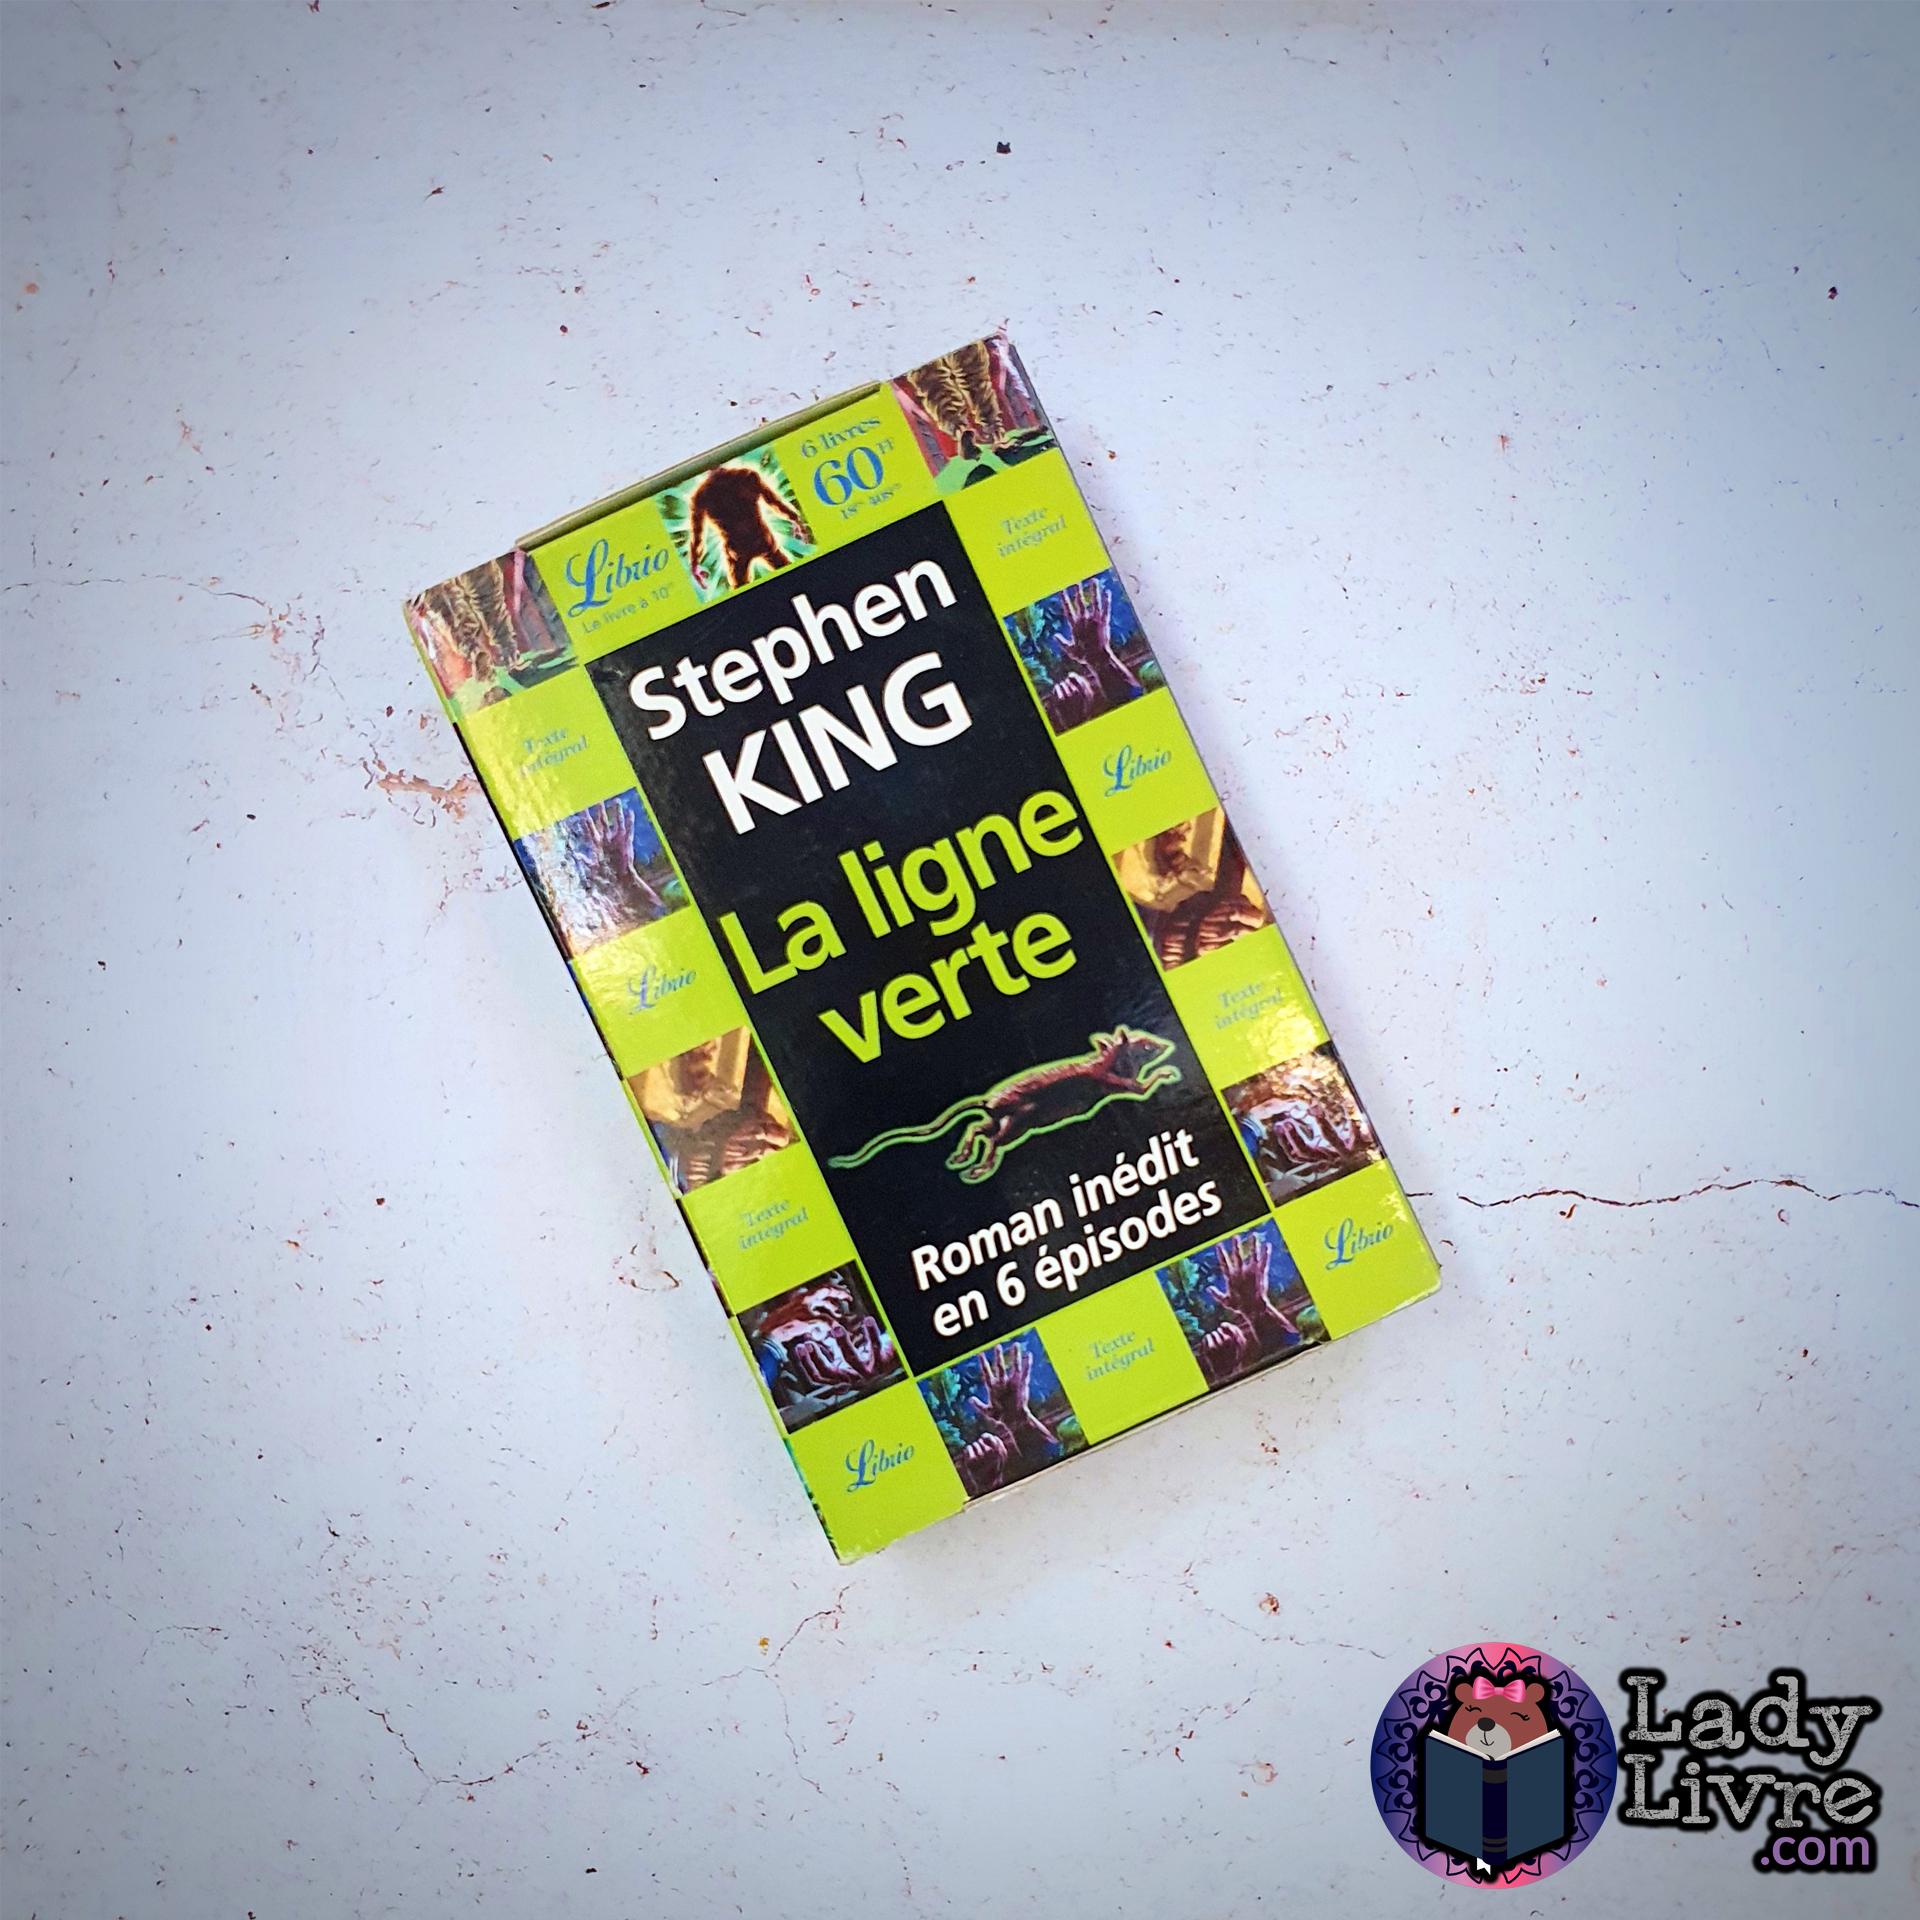 La ligne verte - Stephen King (coffret Librio)